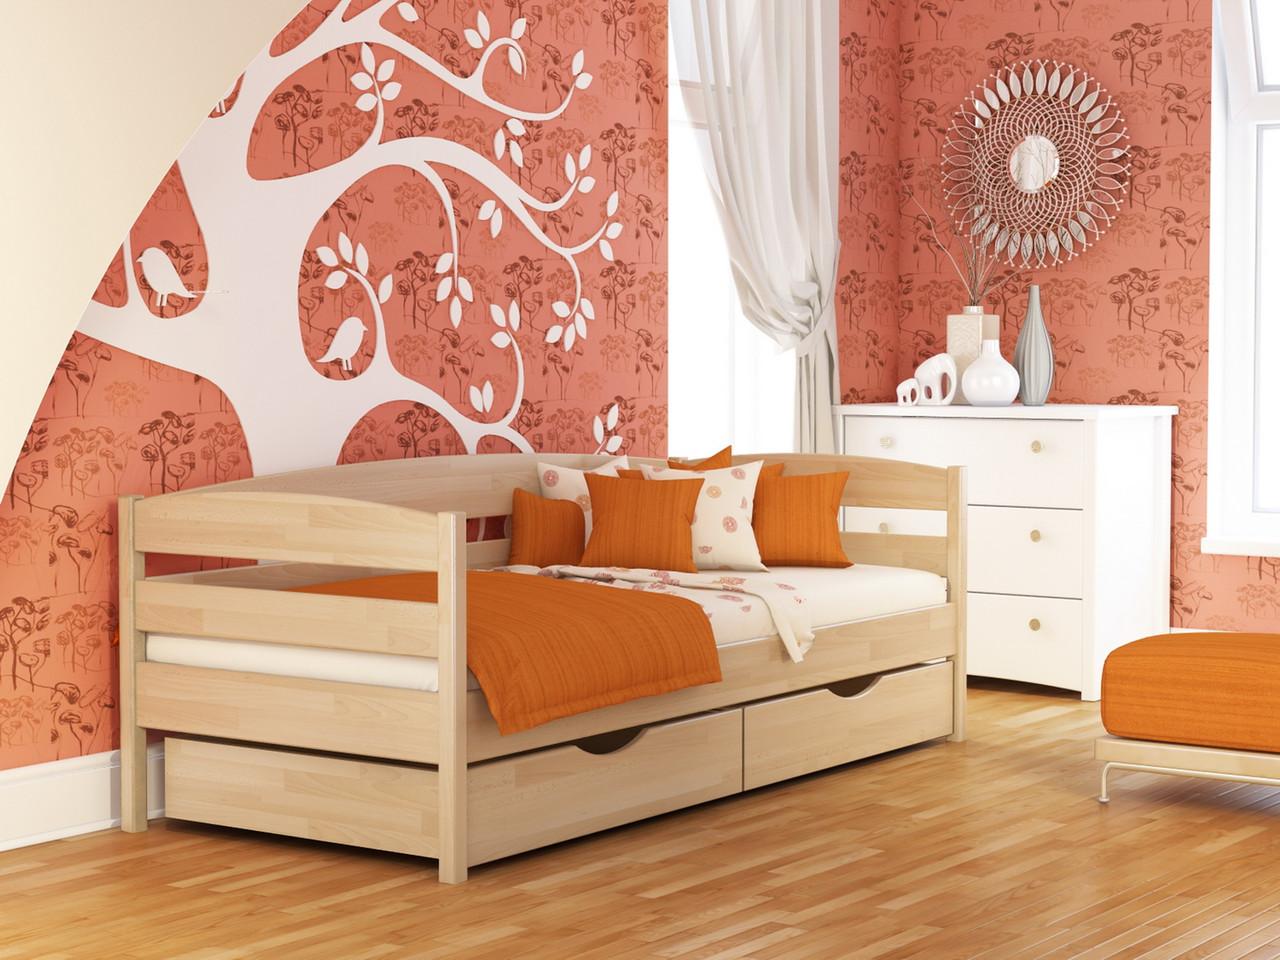 Кровать Нота Плюс (80*190) (Бук/Щит) (с доставкой)